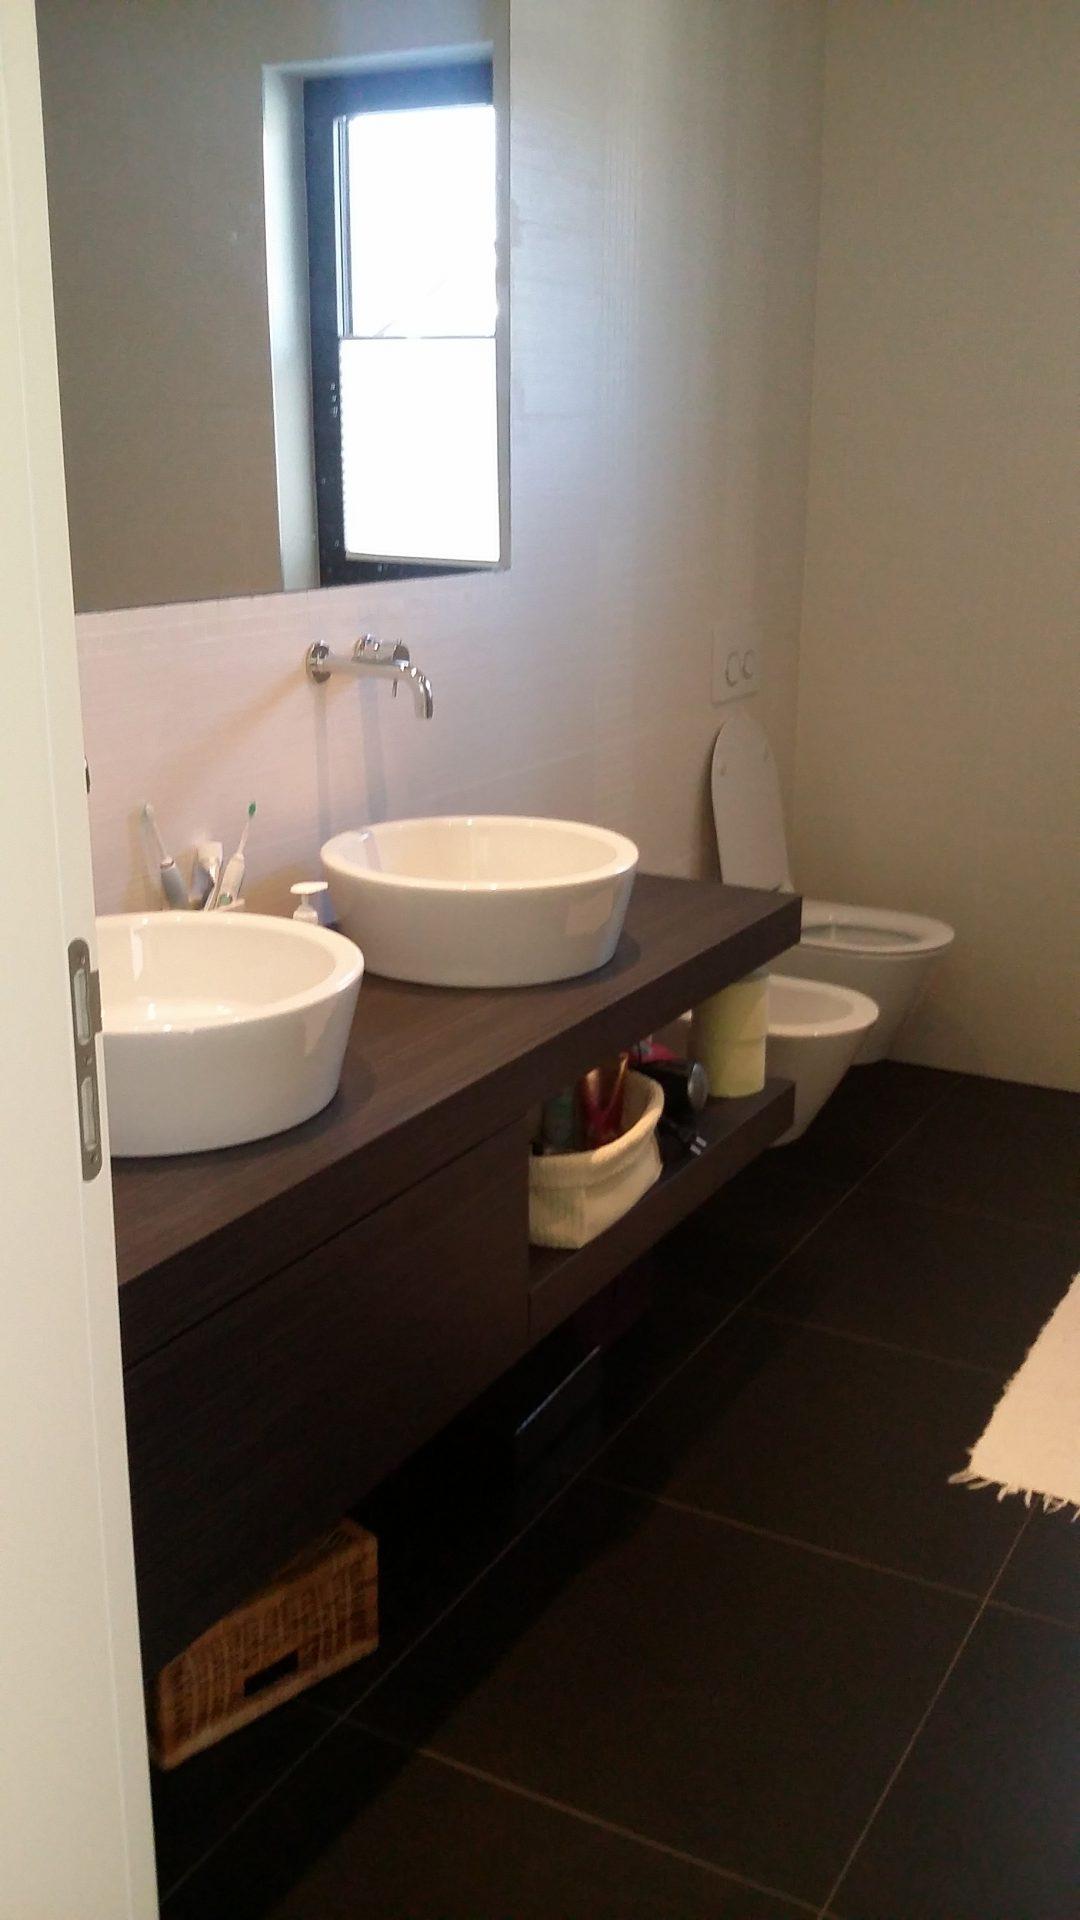 Polaganje ploščic v kopalnici 5